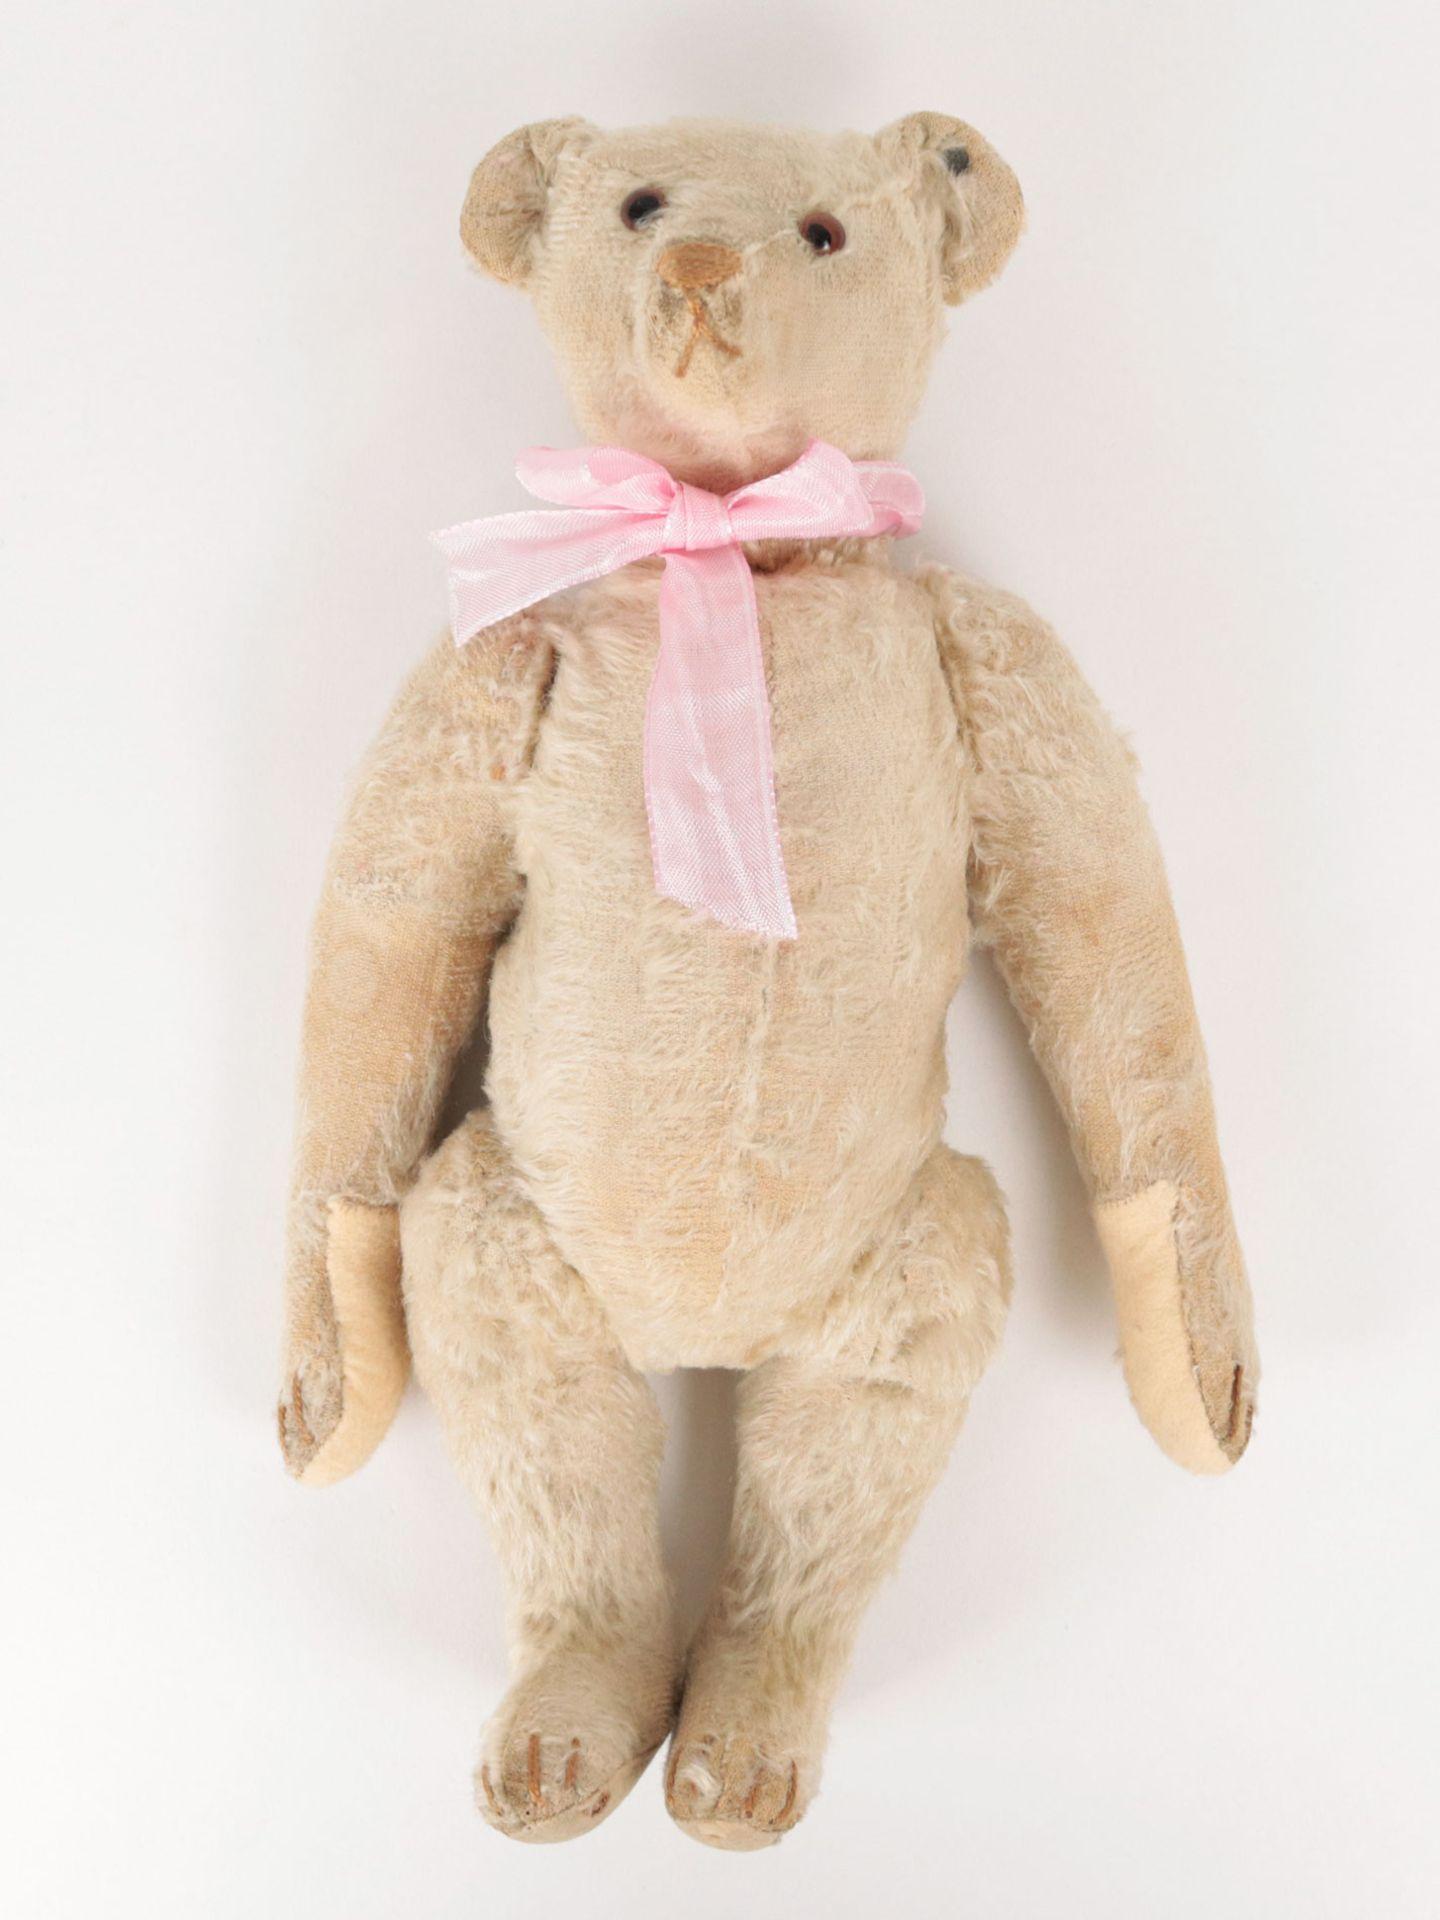 Steiff – Teddybär um 1930, Knopf im Ohr (mit heruntergezogenem 'f'), heller Mohairb - Image 5 of 7